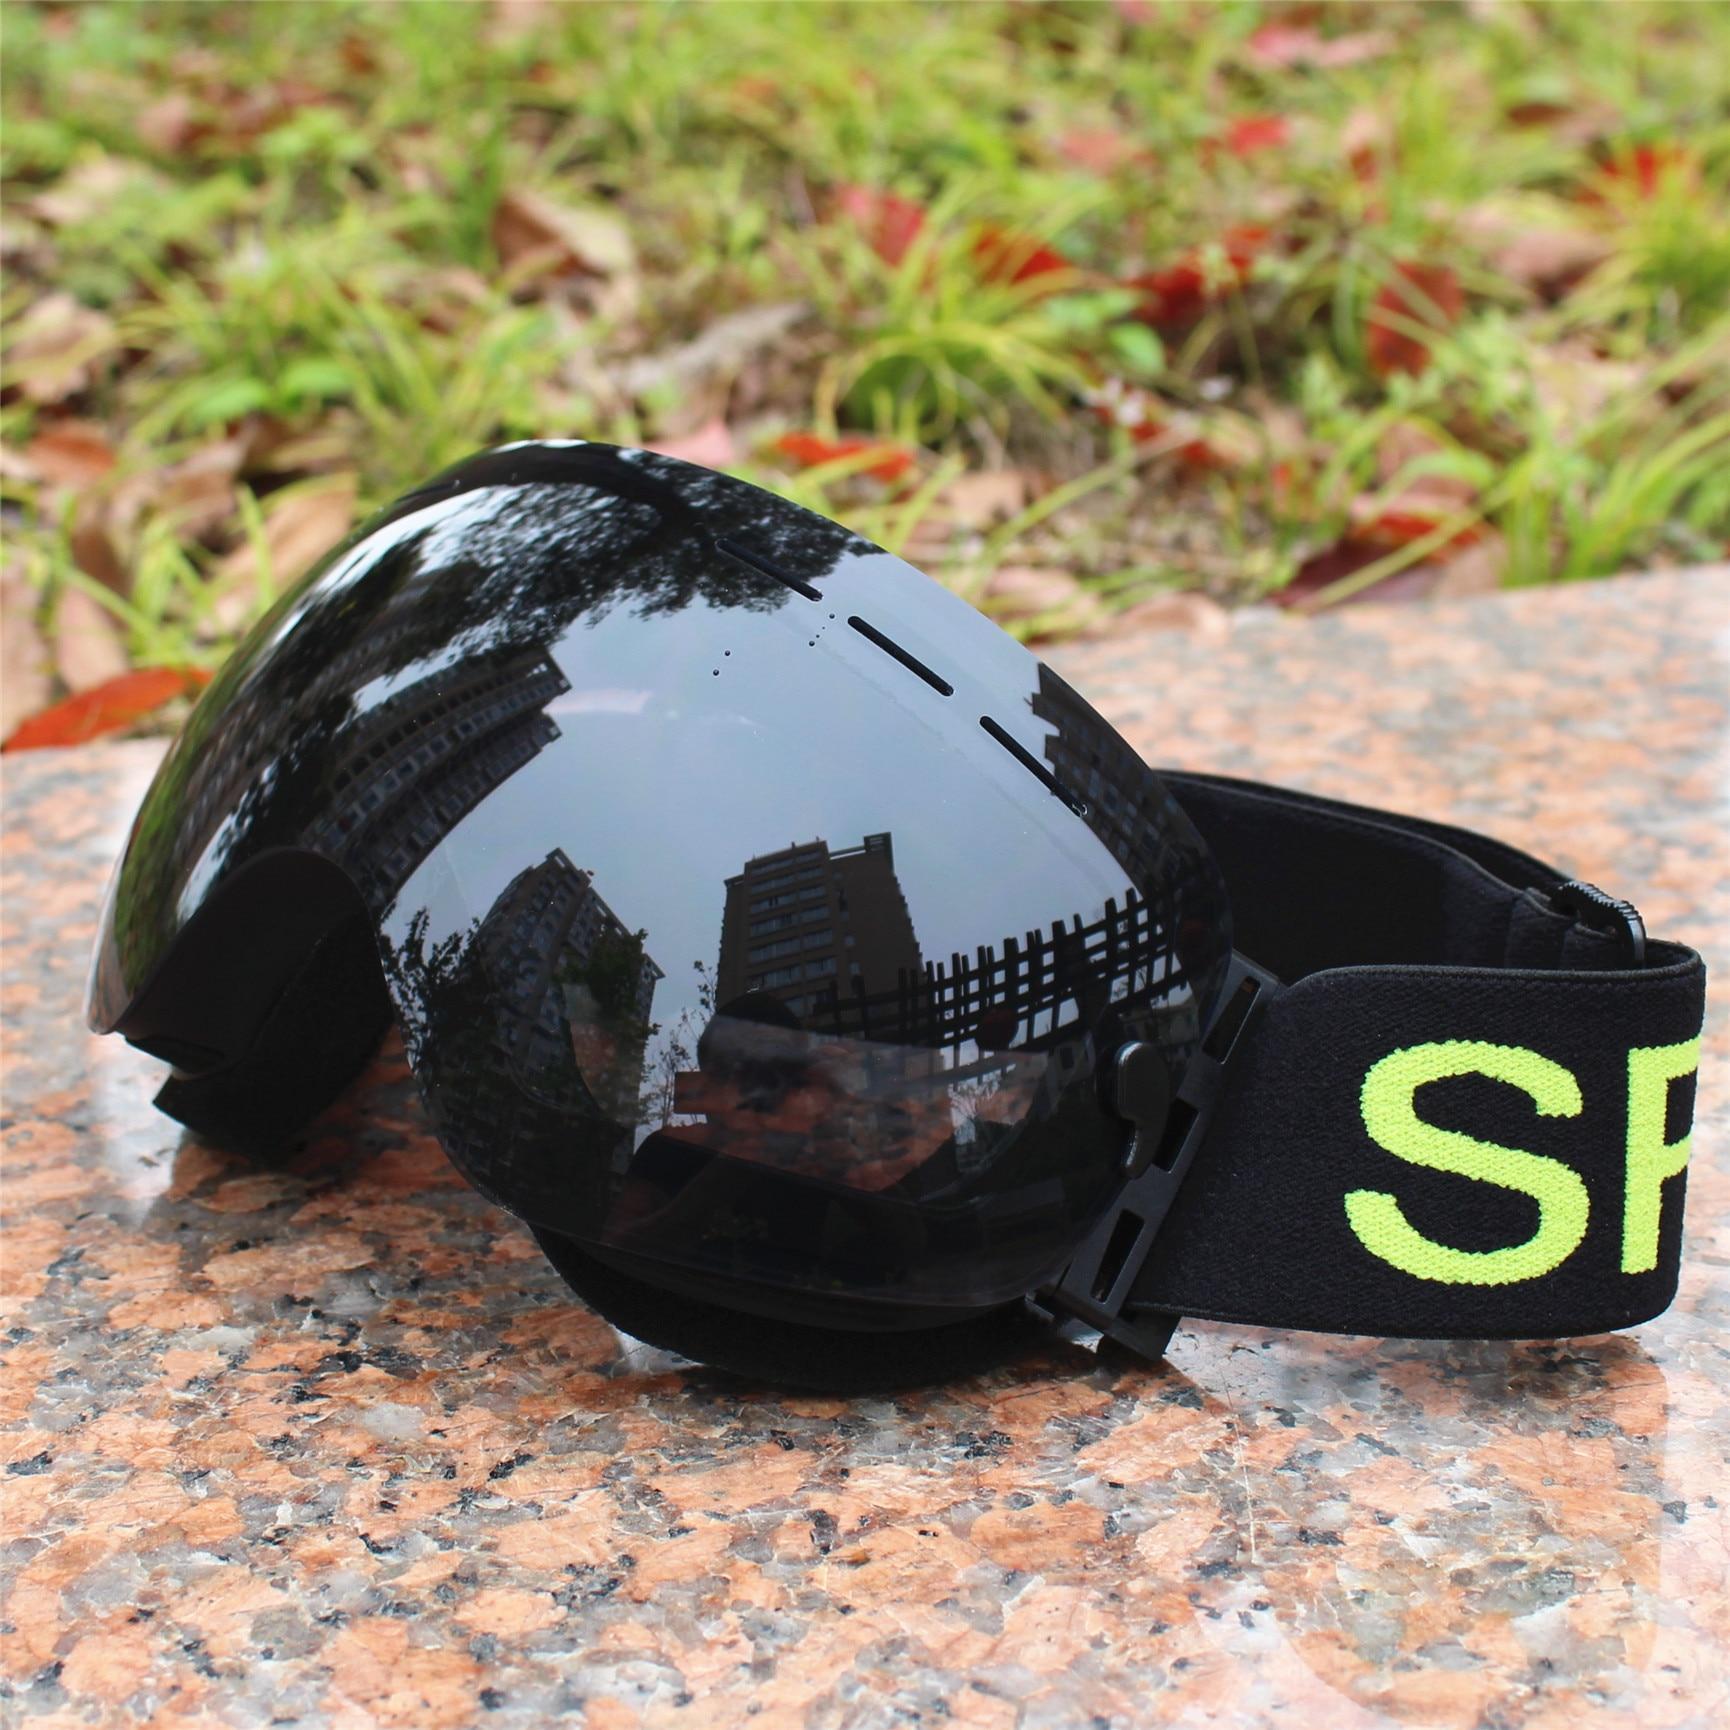 Big lens ski goggles layer UV400 anti-fog big ski mask glasses sunglasses skiing men women snow snowboard цена